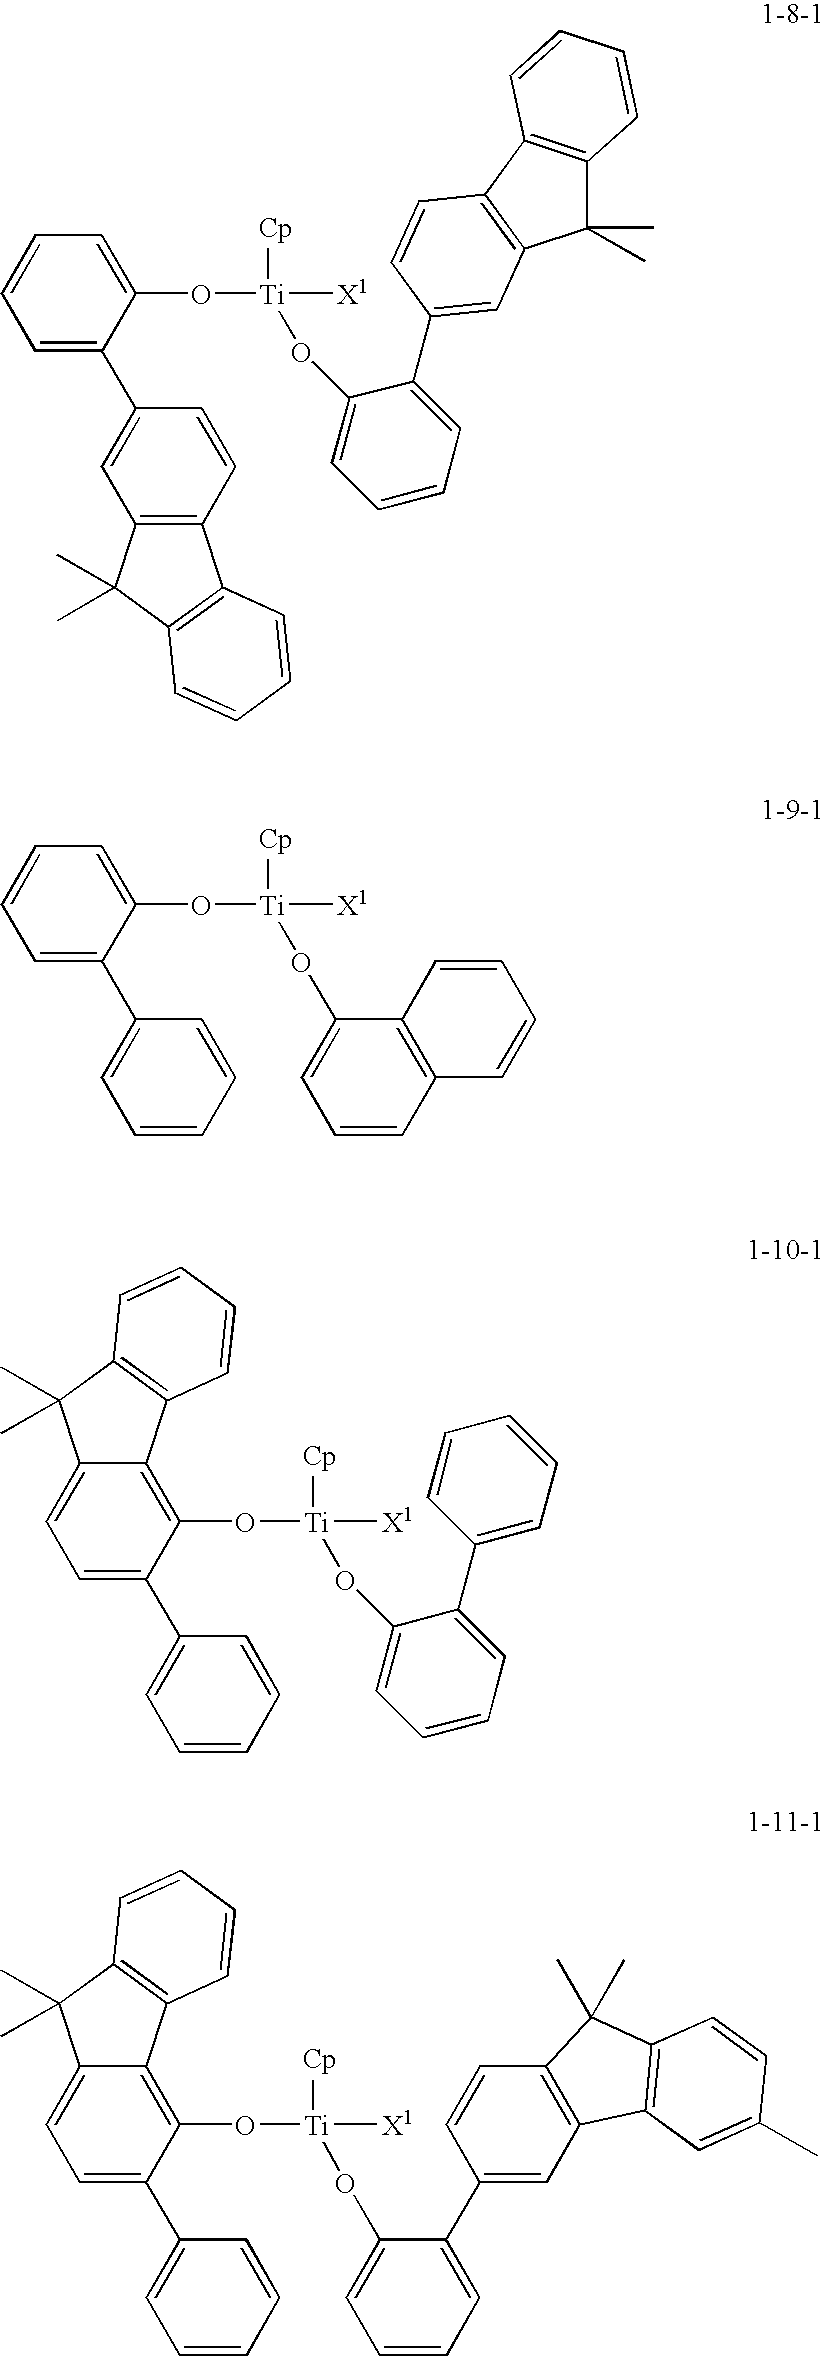 Figure US20100120981A1-20100513-C00010